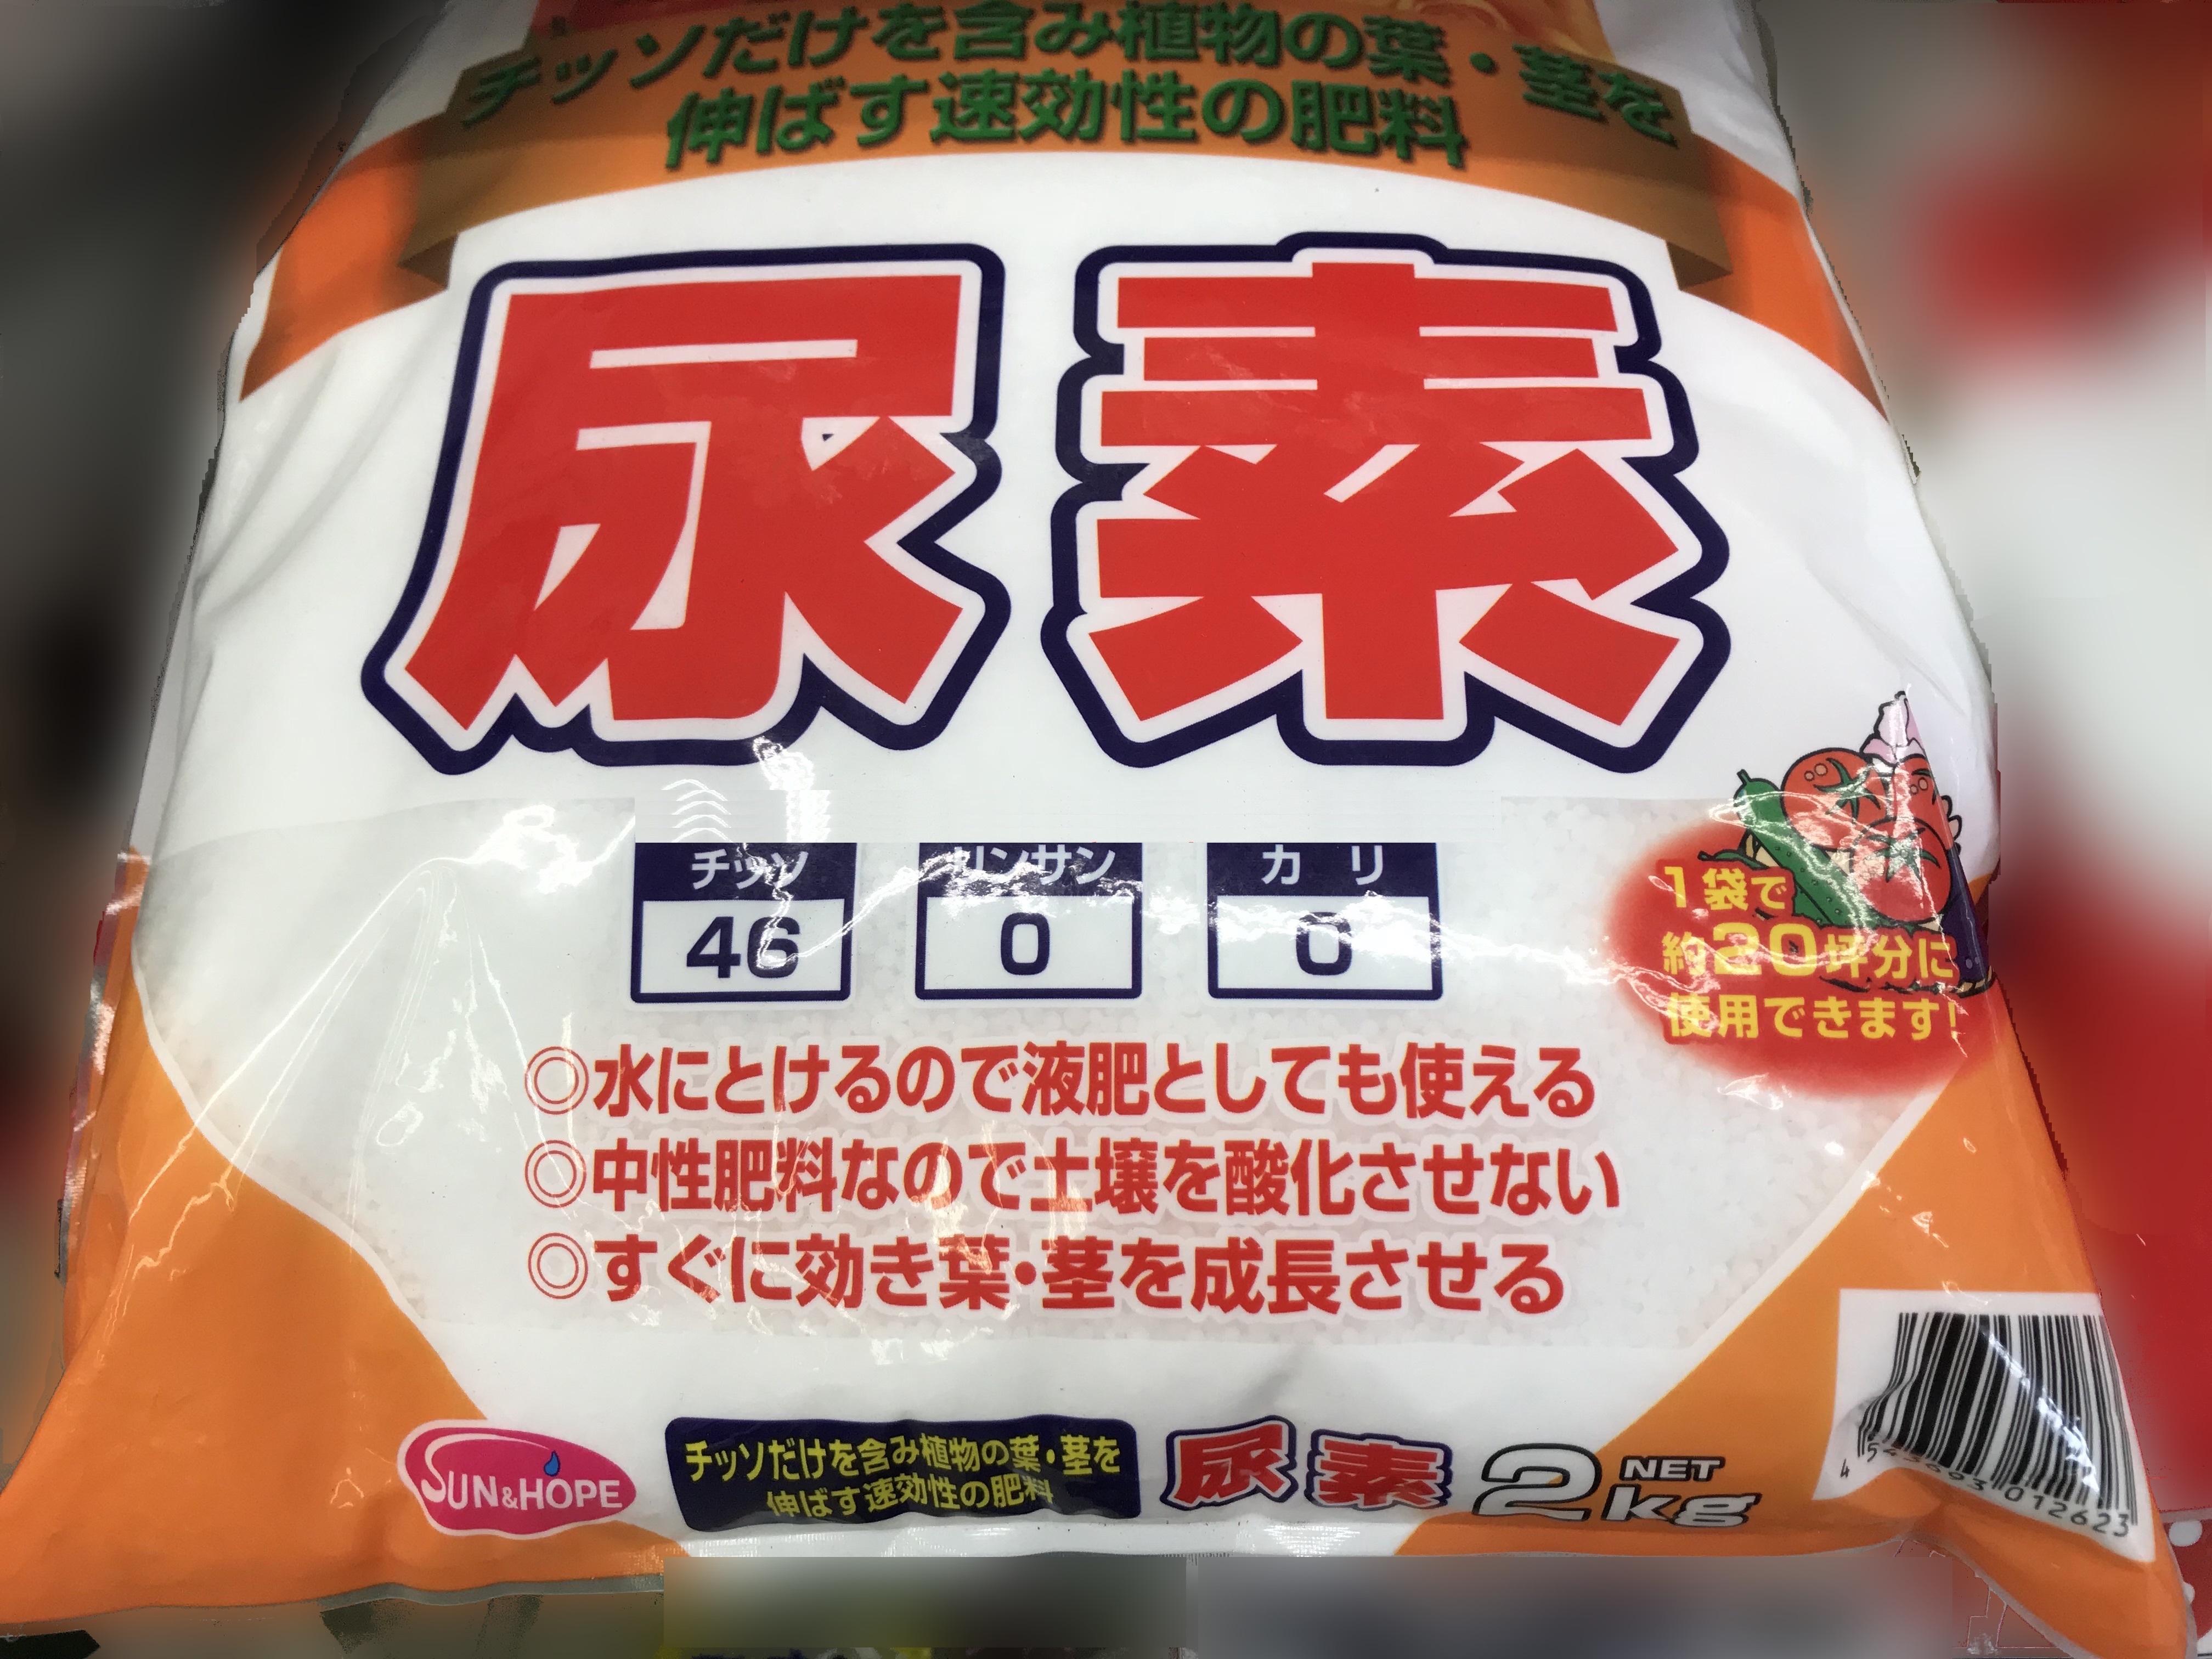 尿素肥料とは?その特徴と使い方をご紹介!他の肥料との効果の違いは?